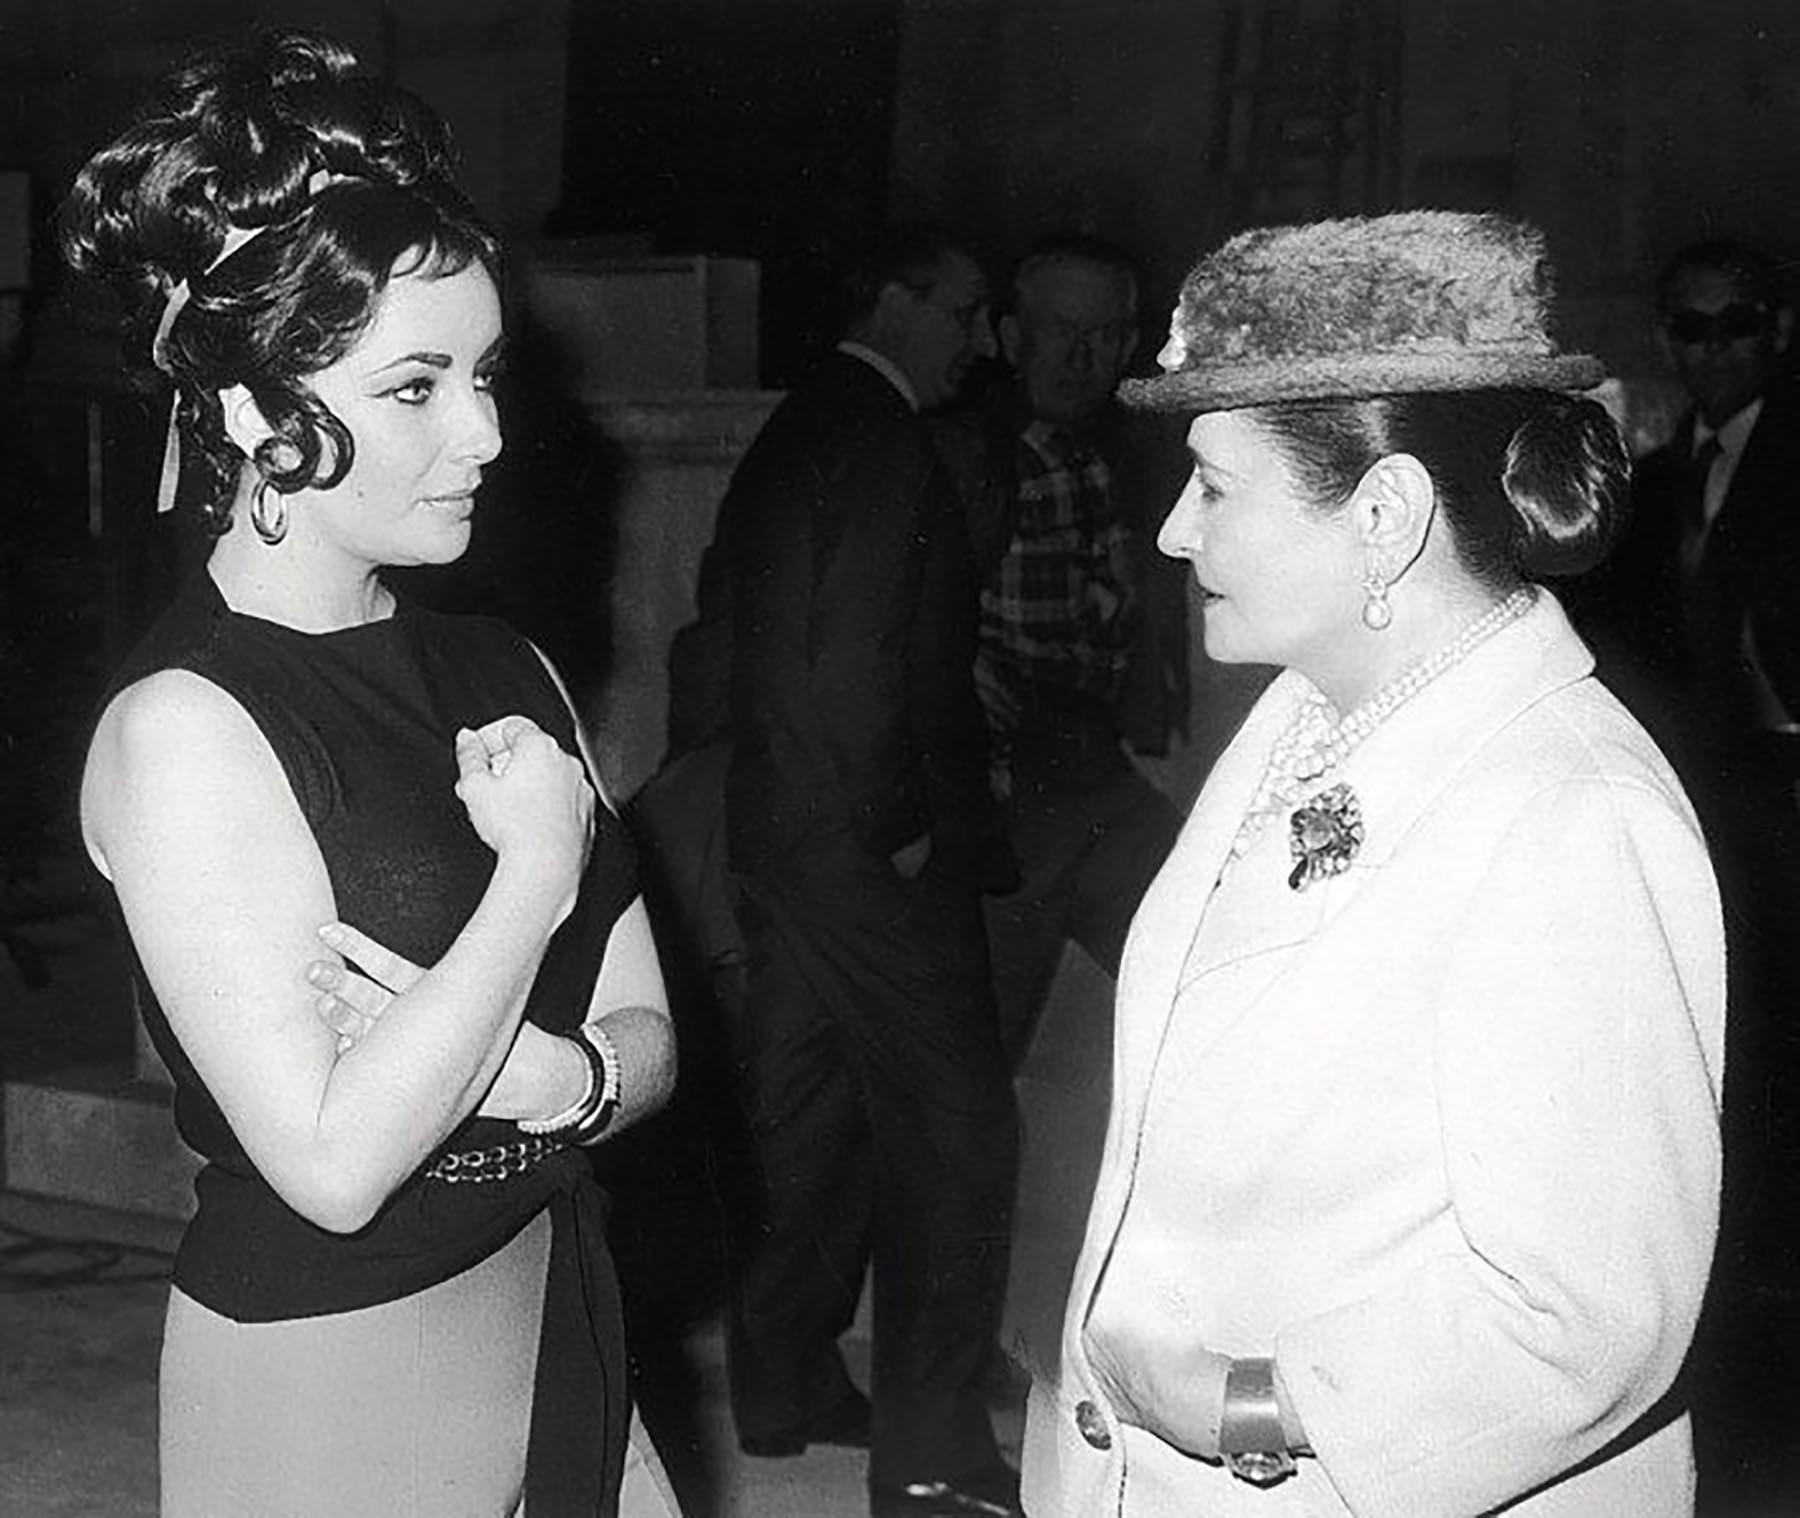 ヘレナ・ルビンスタインとエリザベス・テーラー